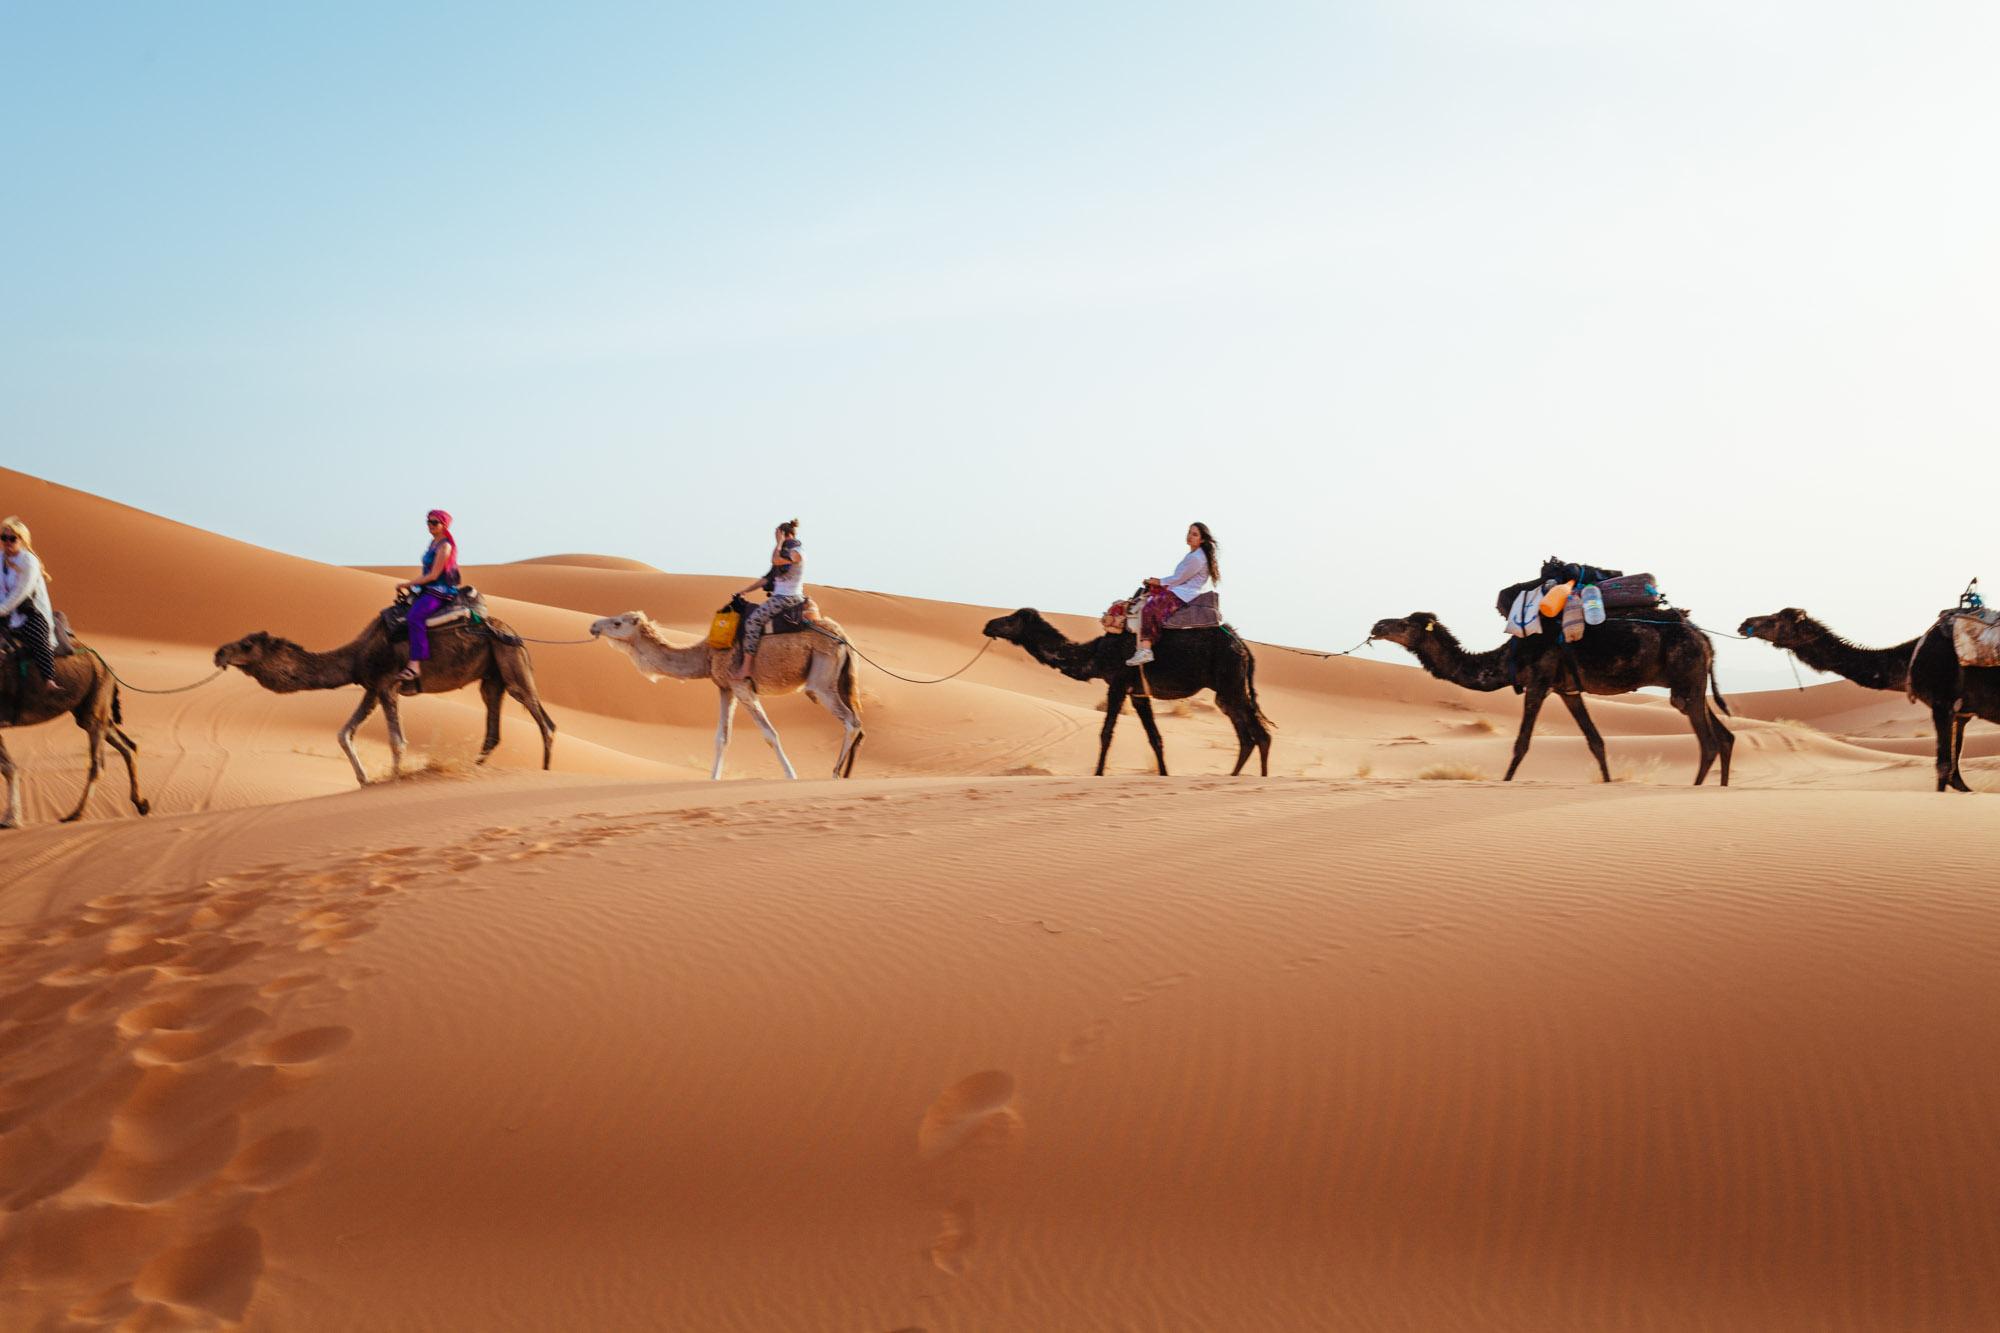 Dune, desert